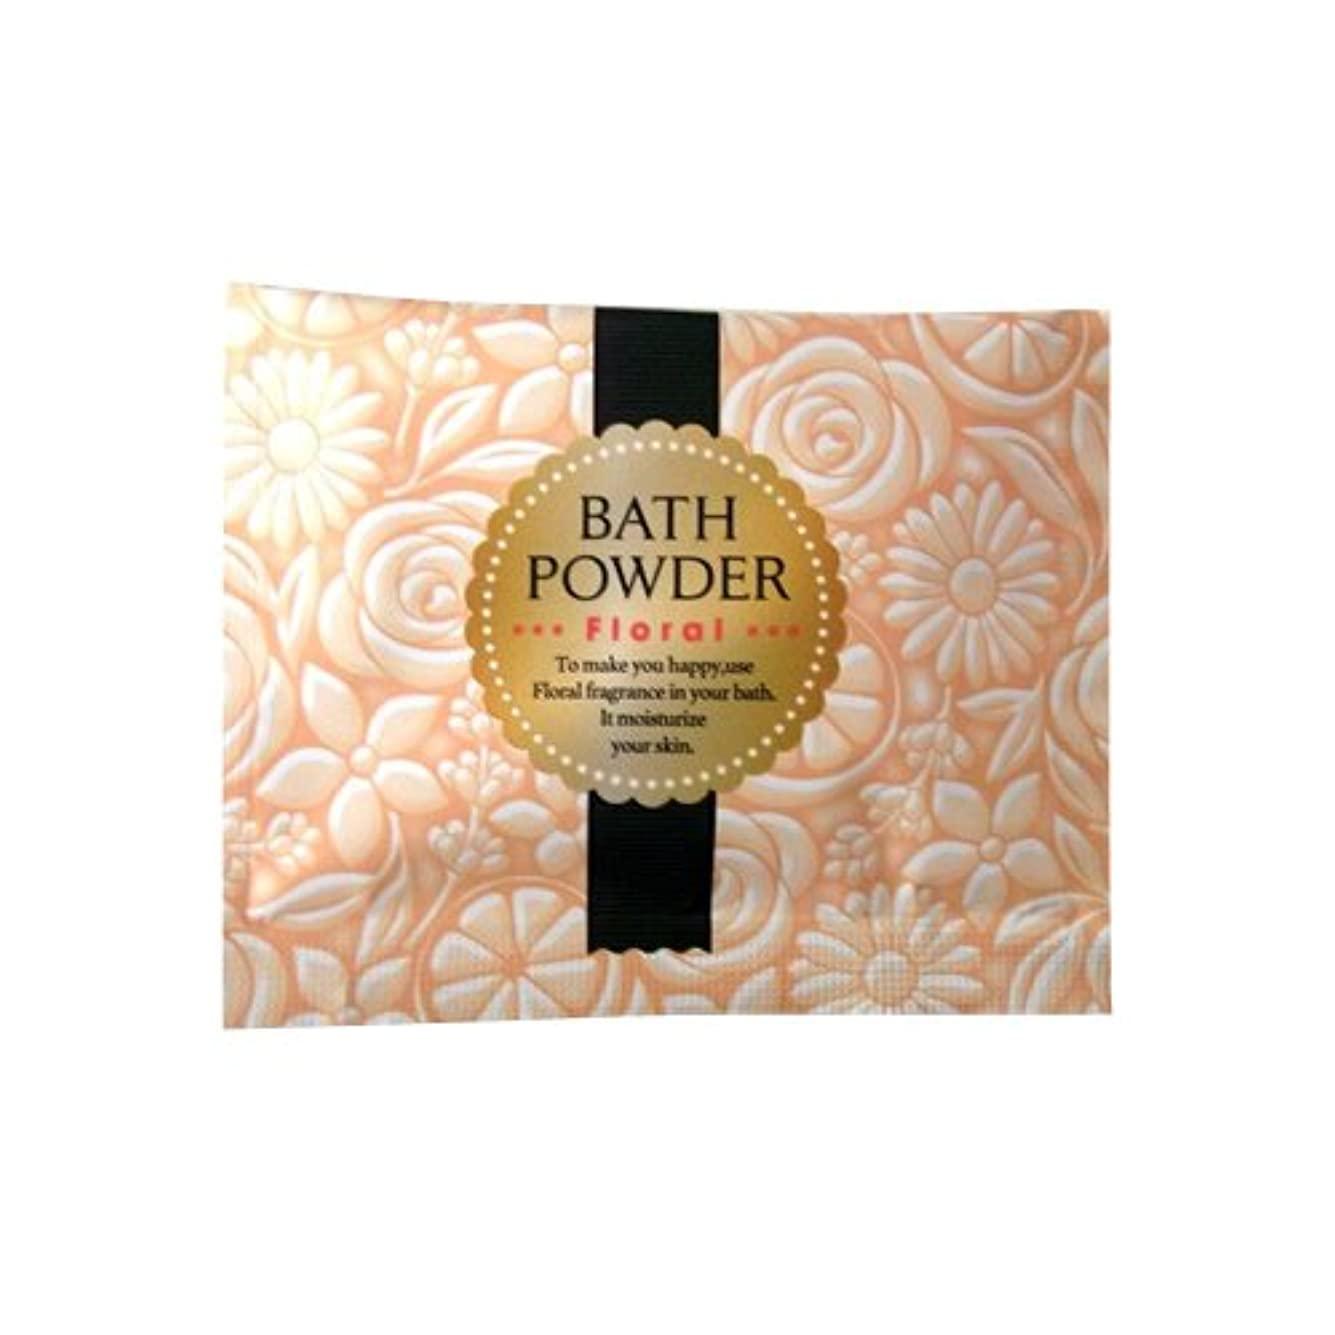 しみ死ぬ立方体入浴剤 LUCKY BATH (ラッキーバス) 25g フローラルの香り